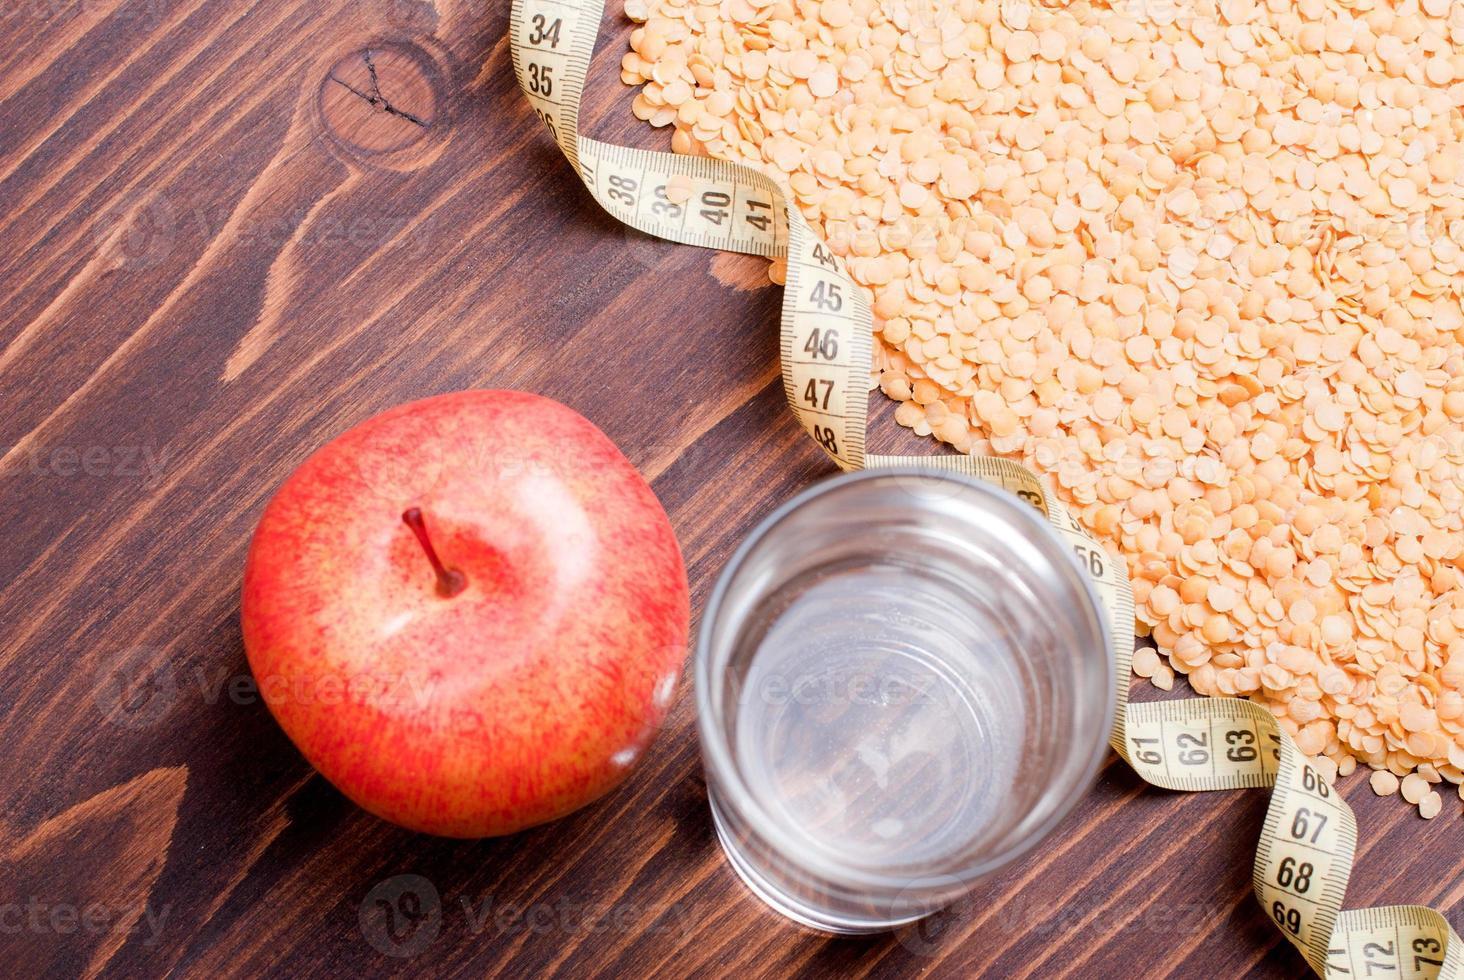 lenticchie crude a bordo dieta alimentare foto